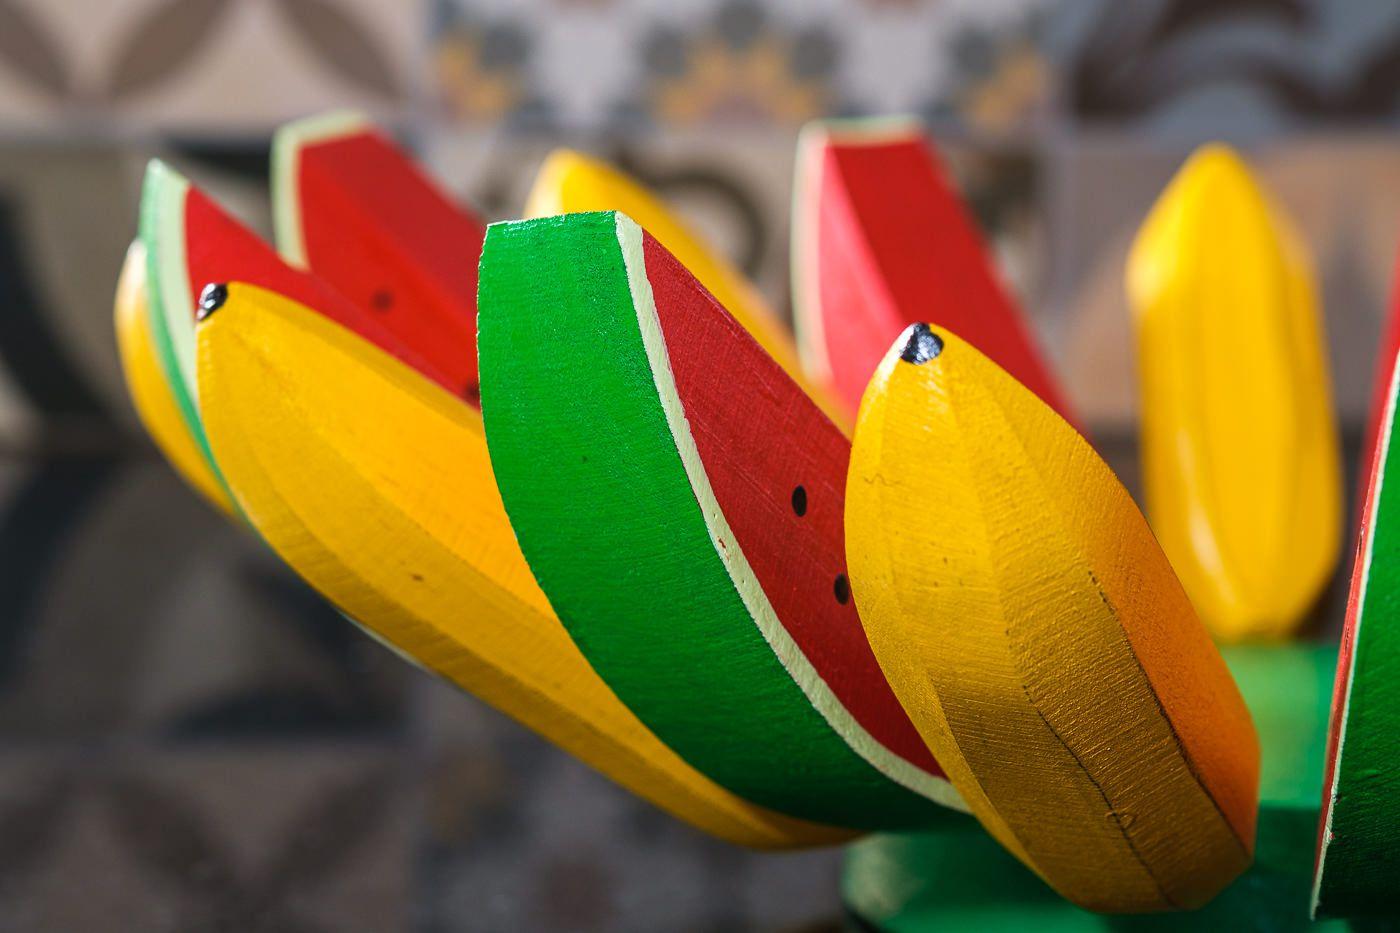 Fruteira Artesanal Rústica - Mista em Banana e Melancia